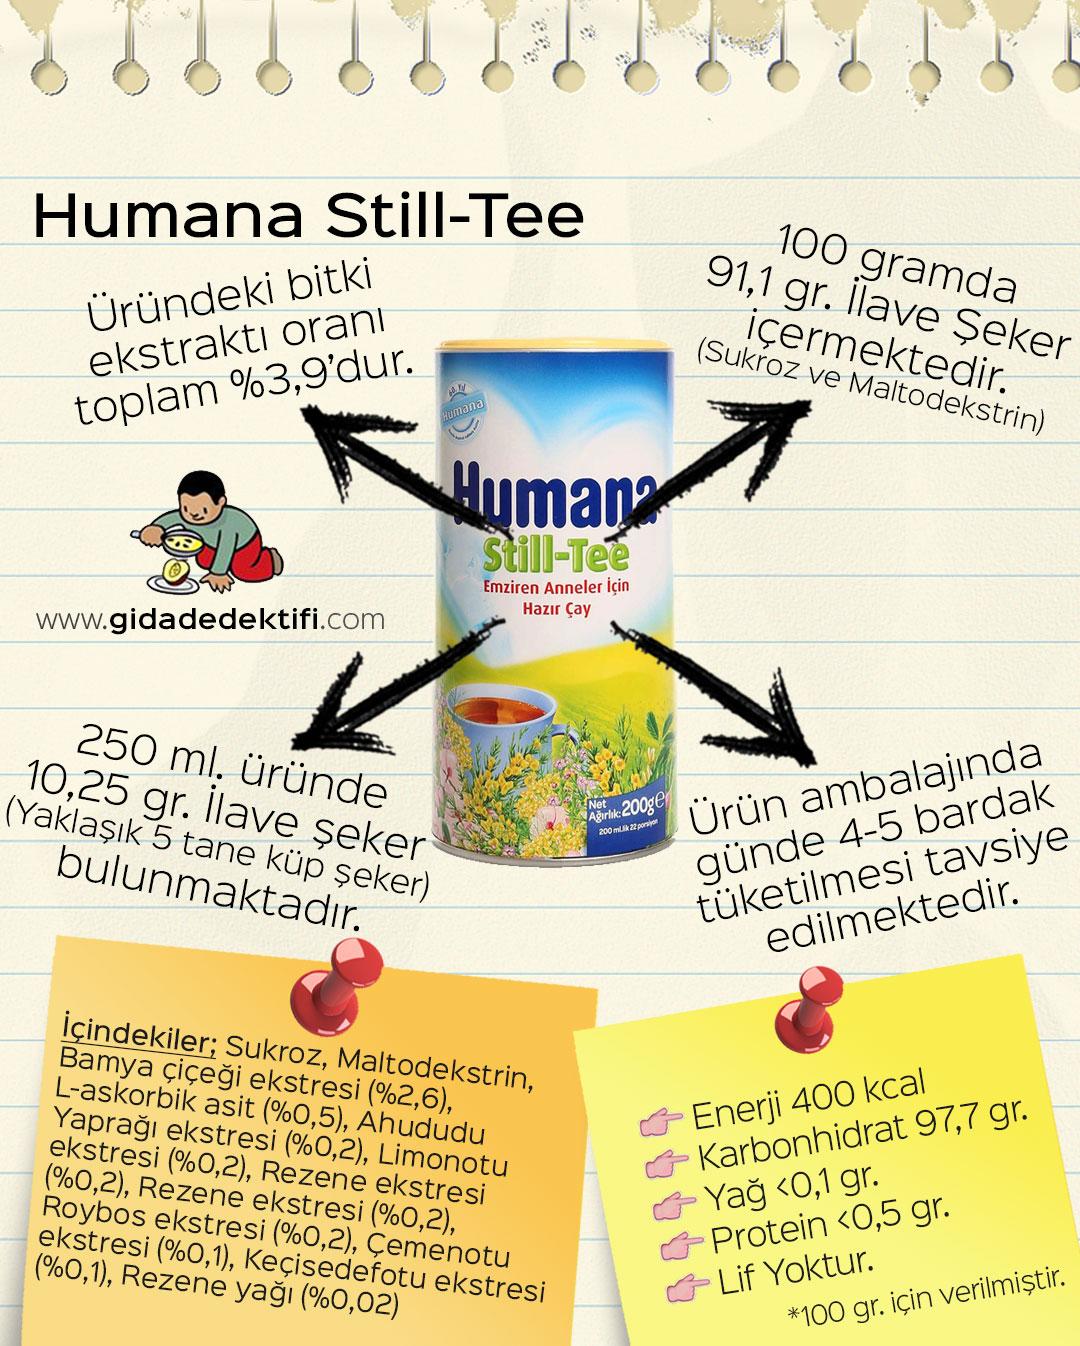 Humana-Still-Tee